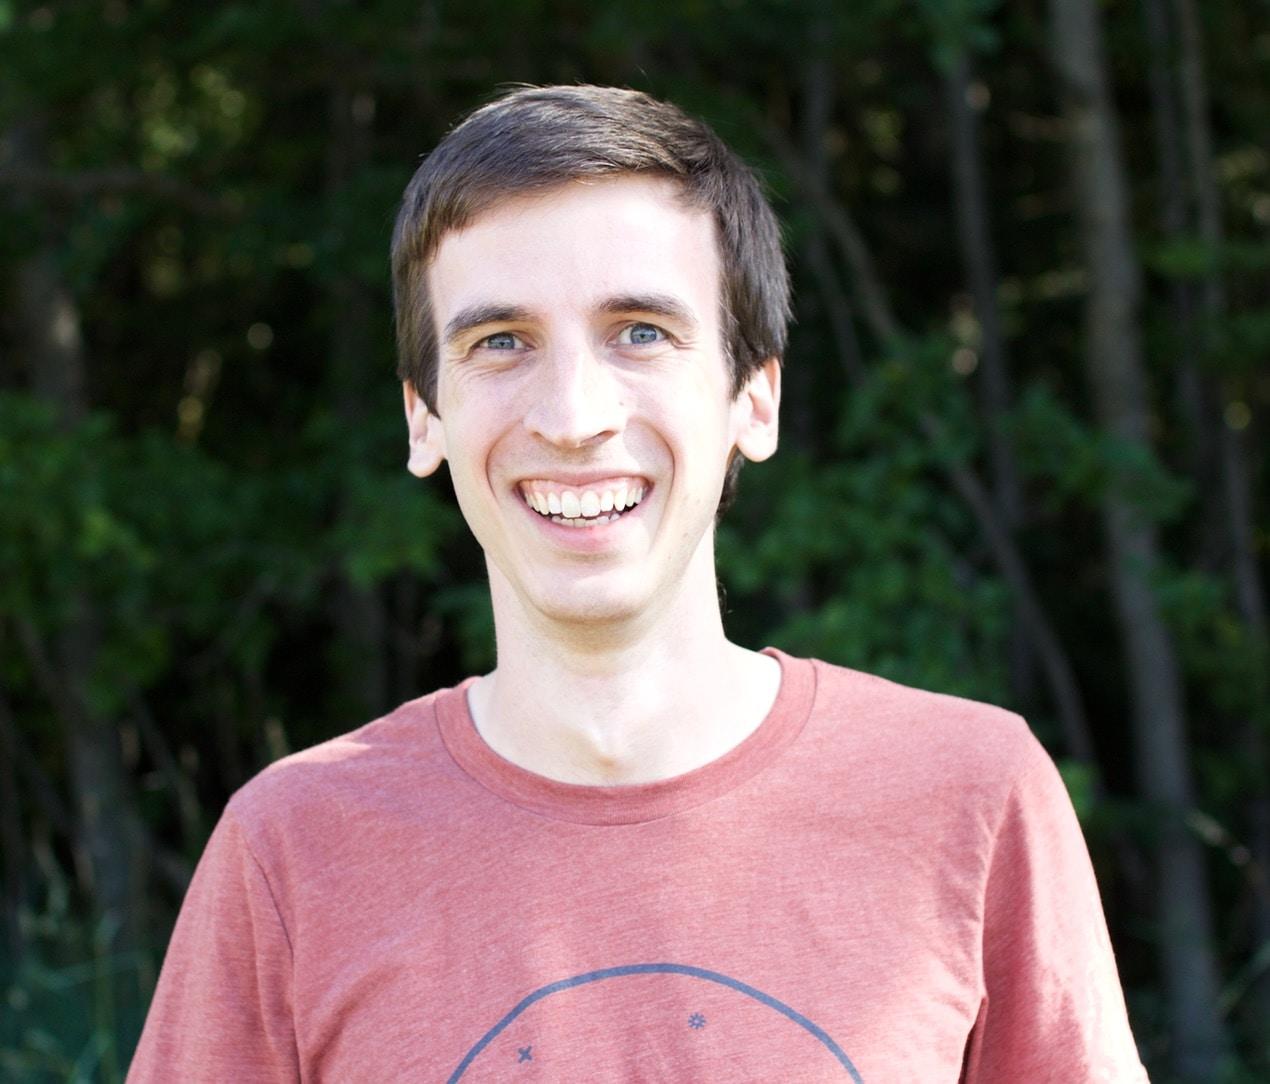 Go to Matthew Guay's profile